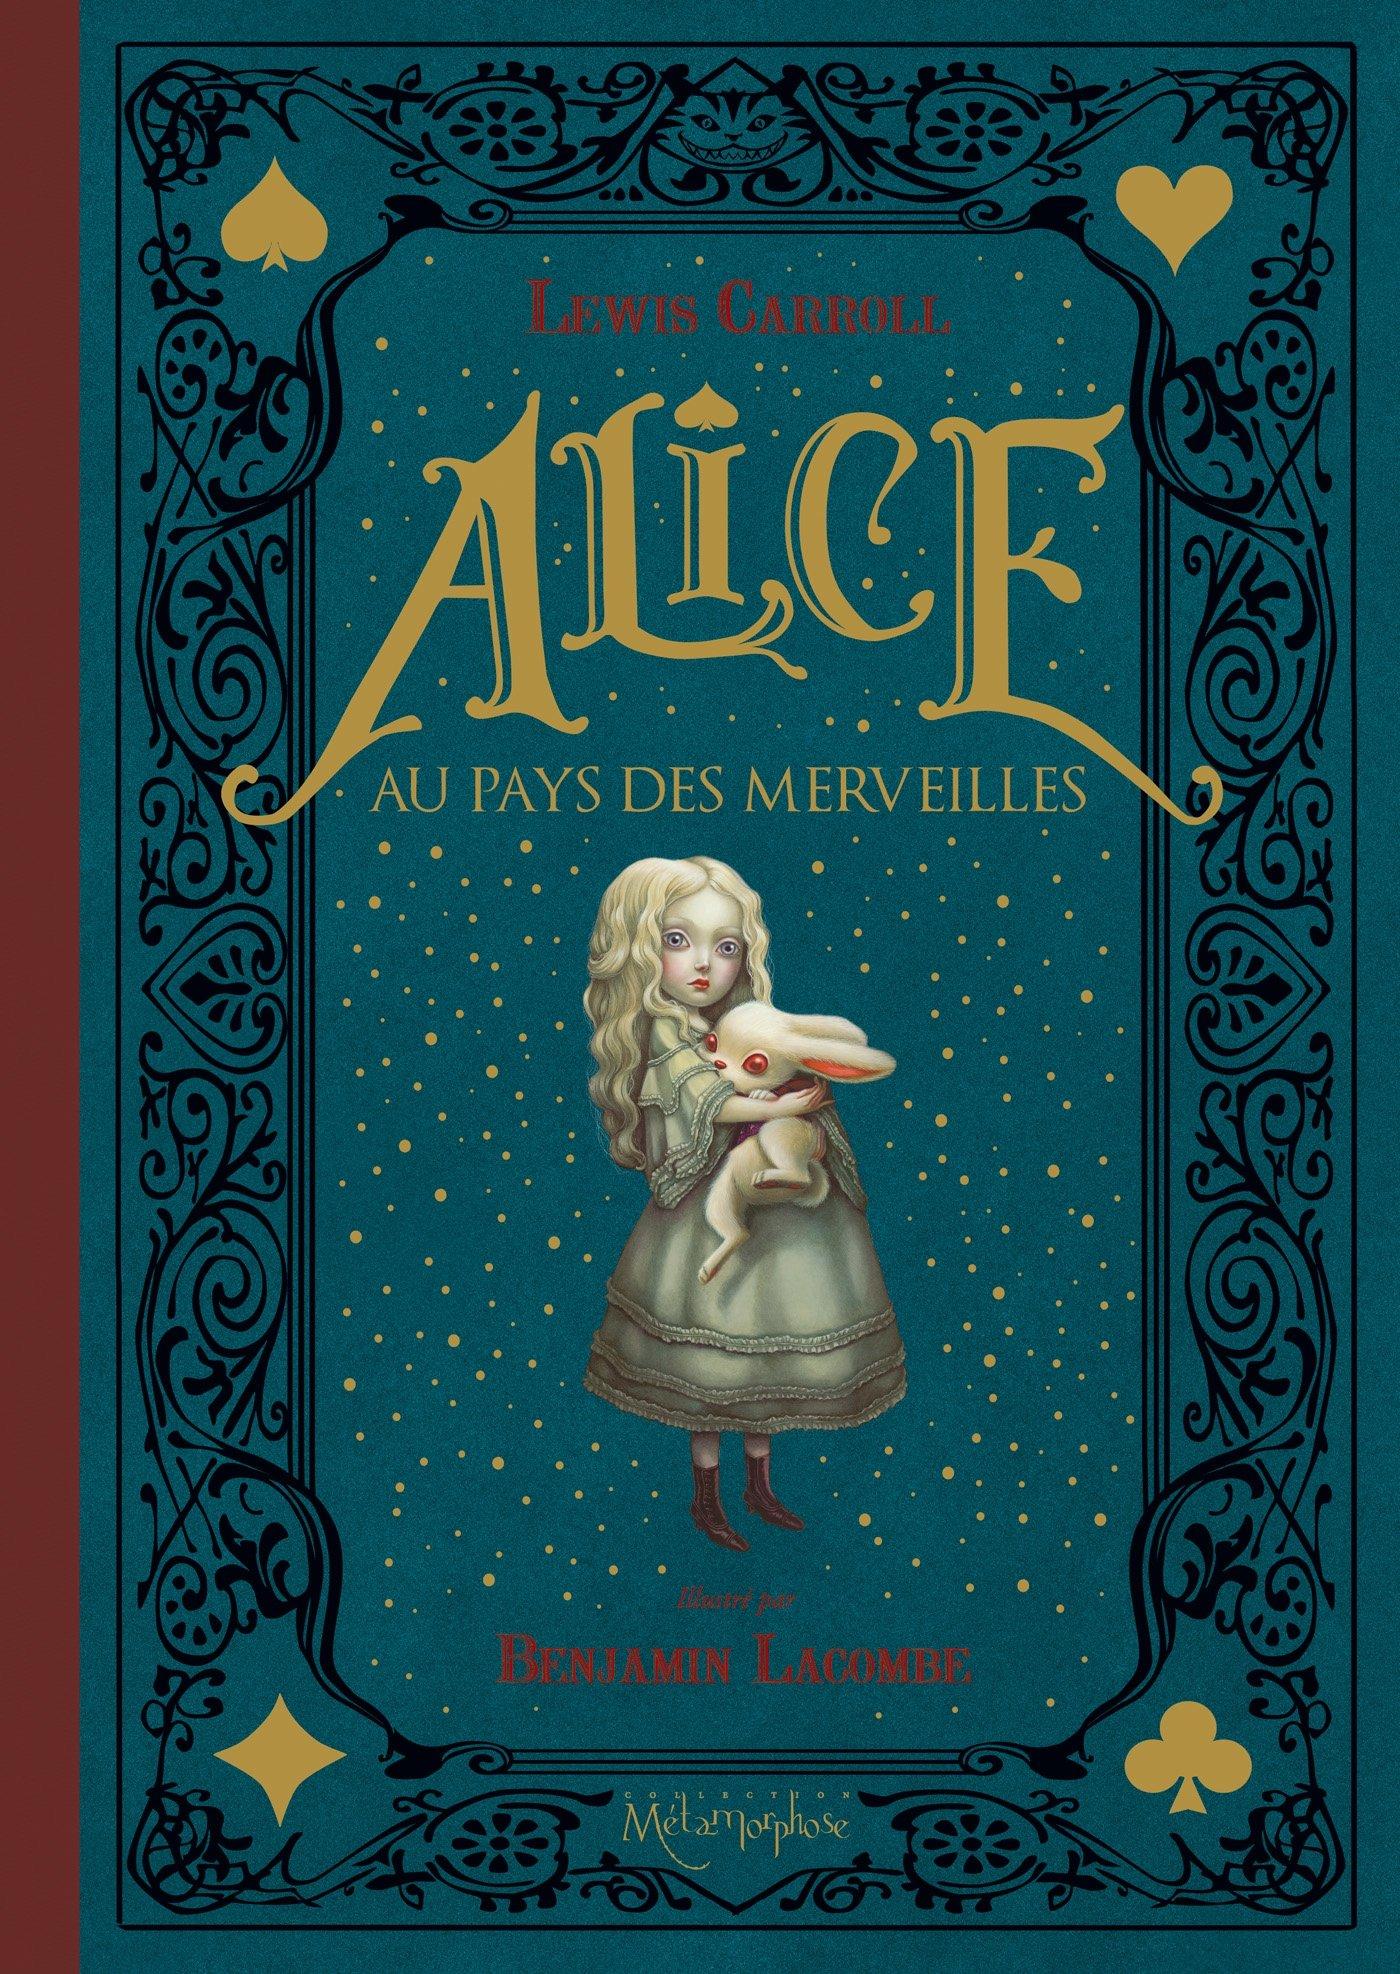 alice-au-pays-des-merveilles-701713